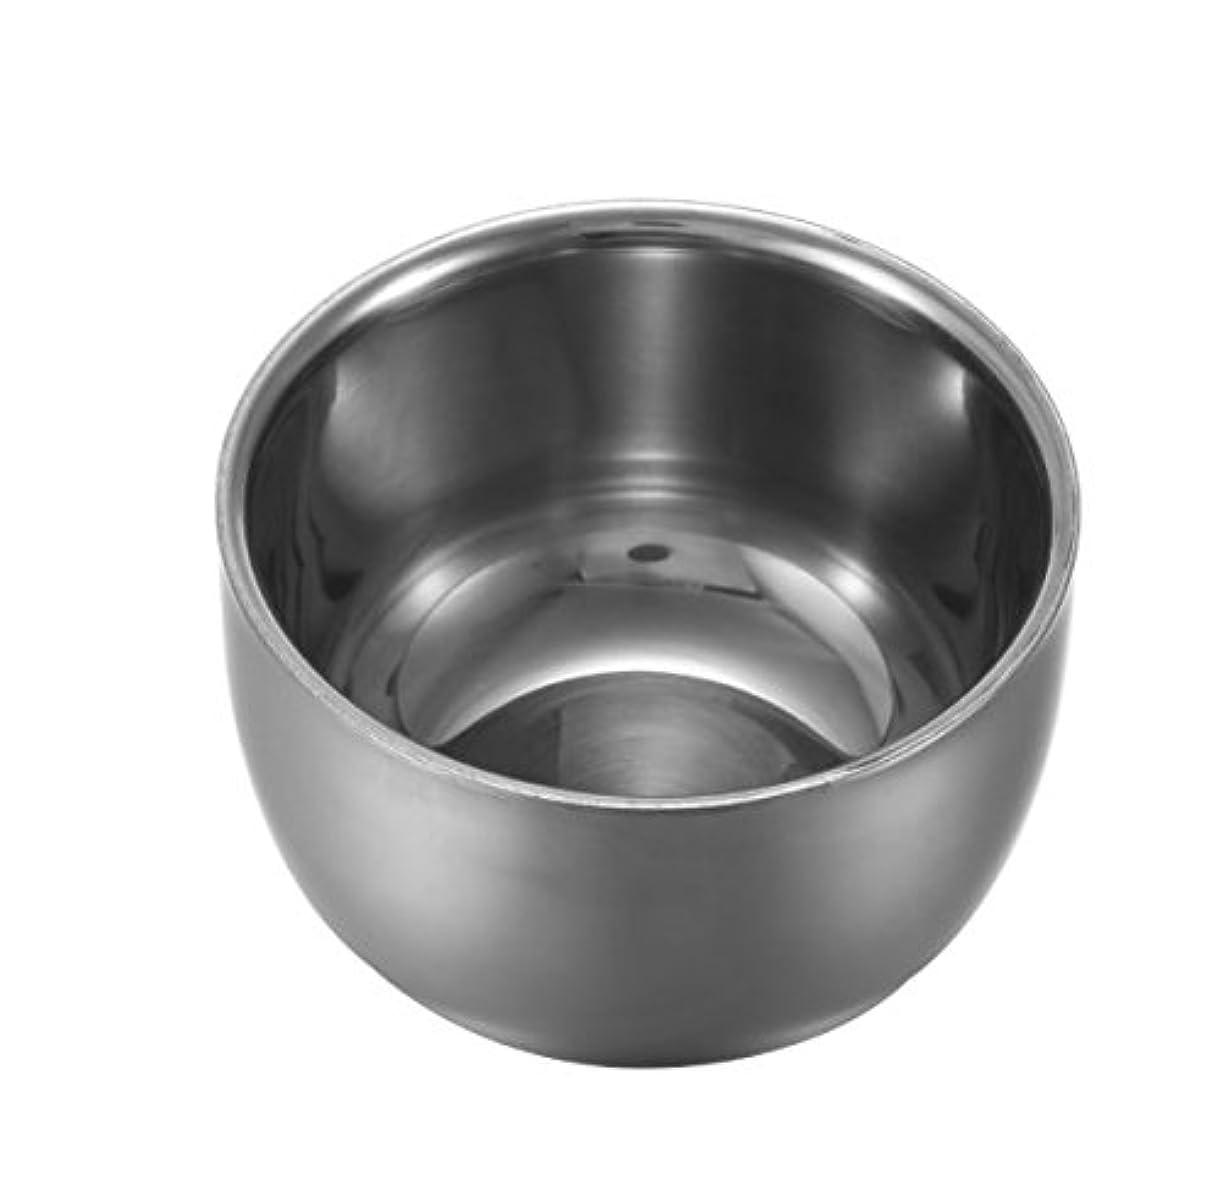 ペレグリネーションの盗賊7.5cm Stainless Steel Shaving Bowl Barber Beard Razor Cup For Shave Brush Male Face Cleaning Soap Mug Tool